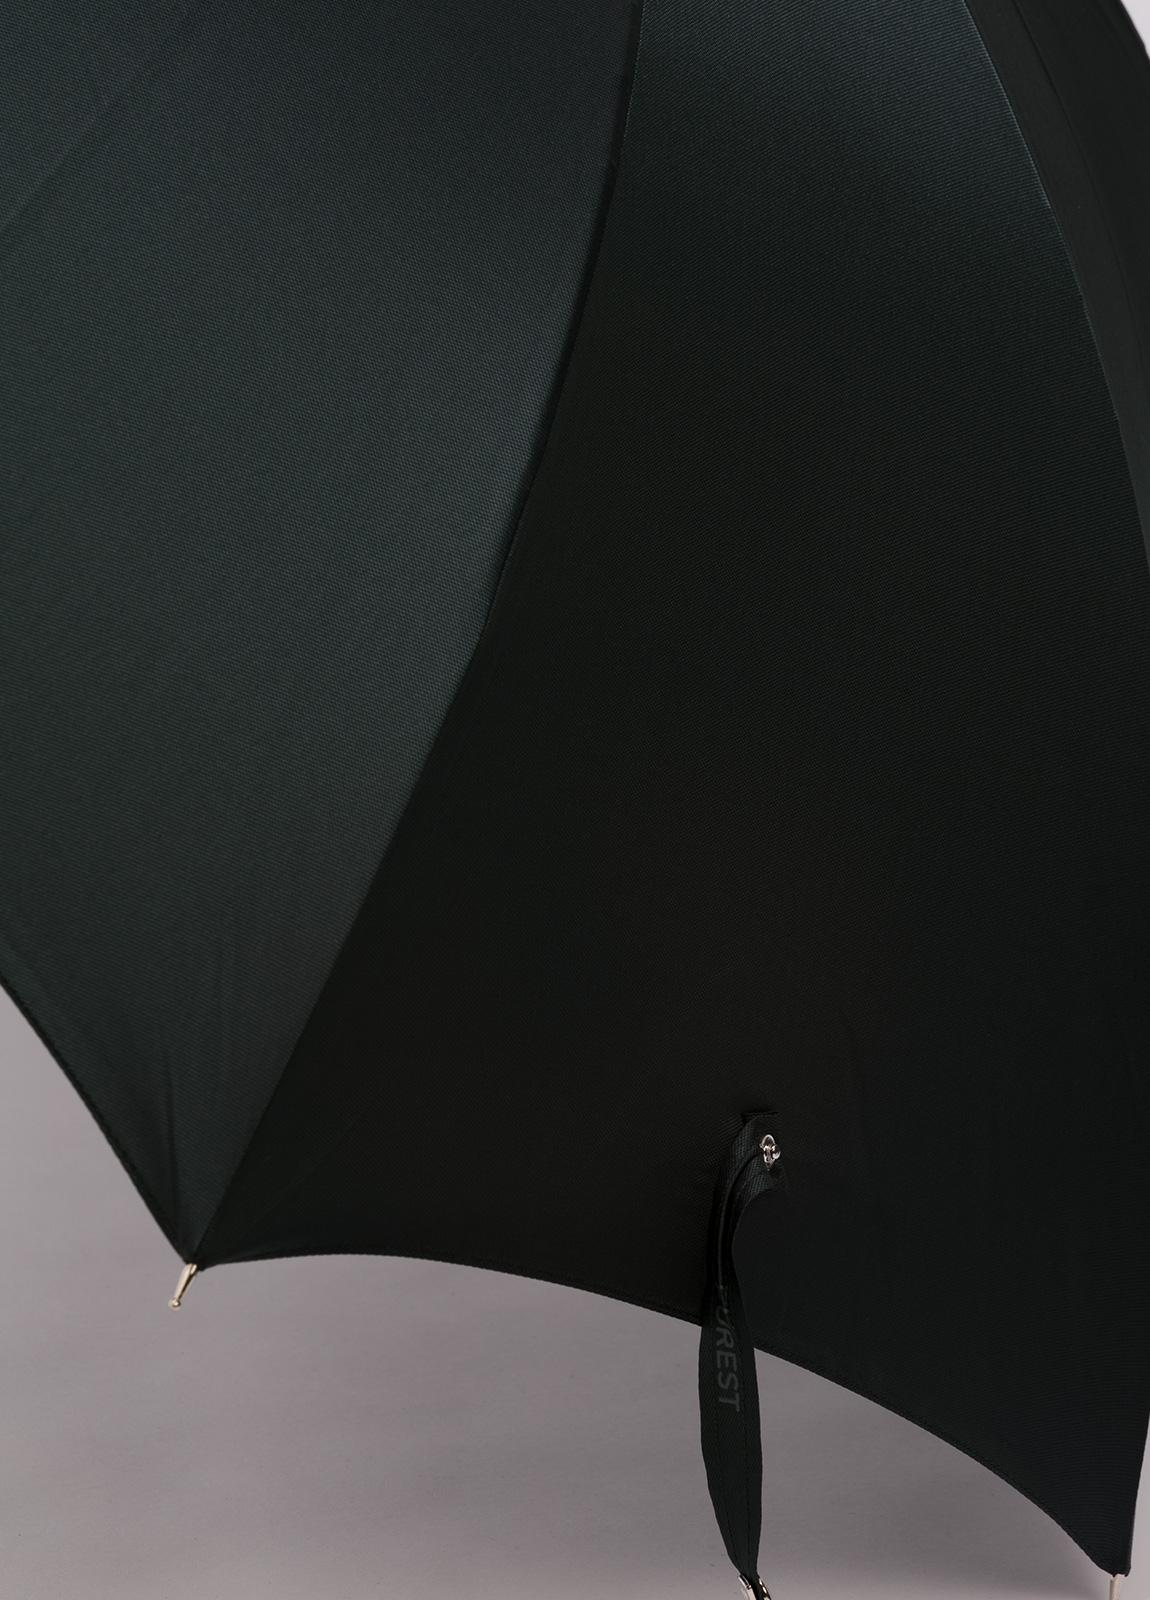 Paraguas con diseño liso color verde y puño de madera. - Ítem1